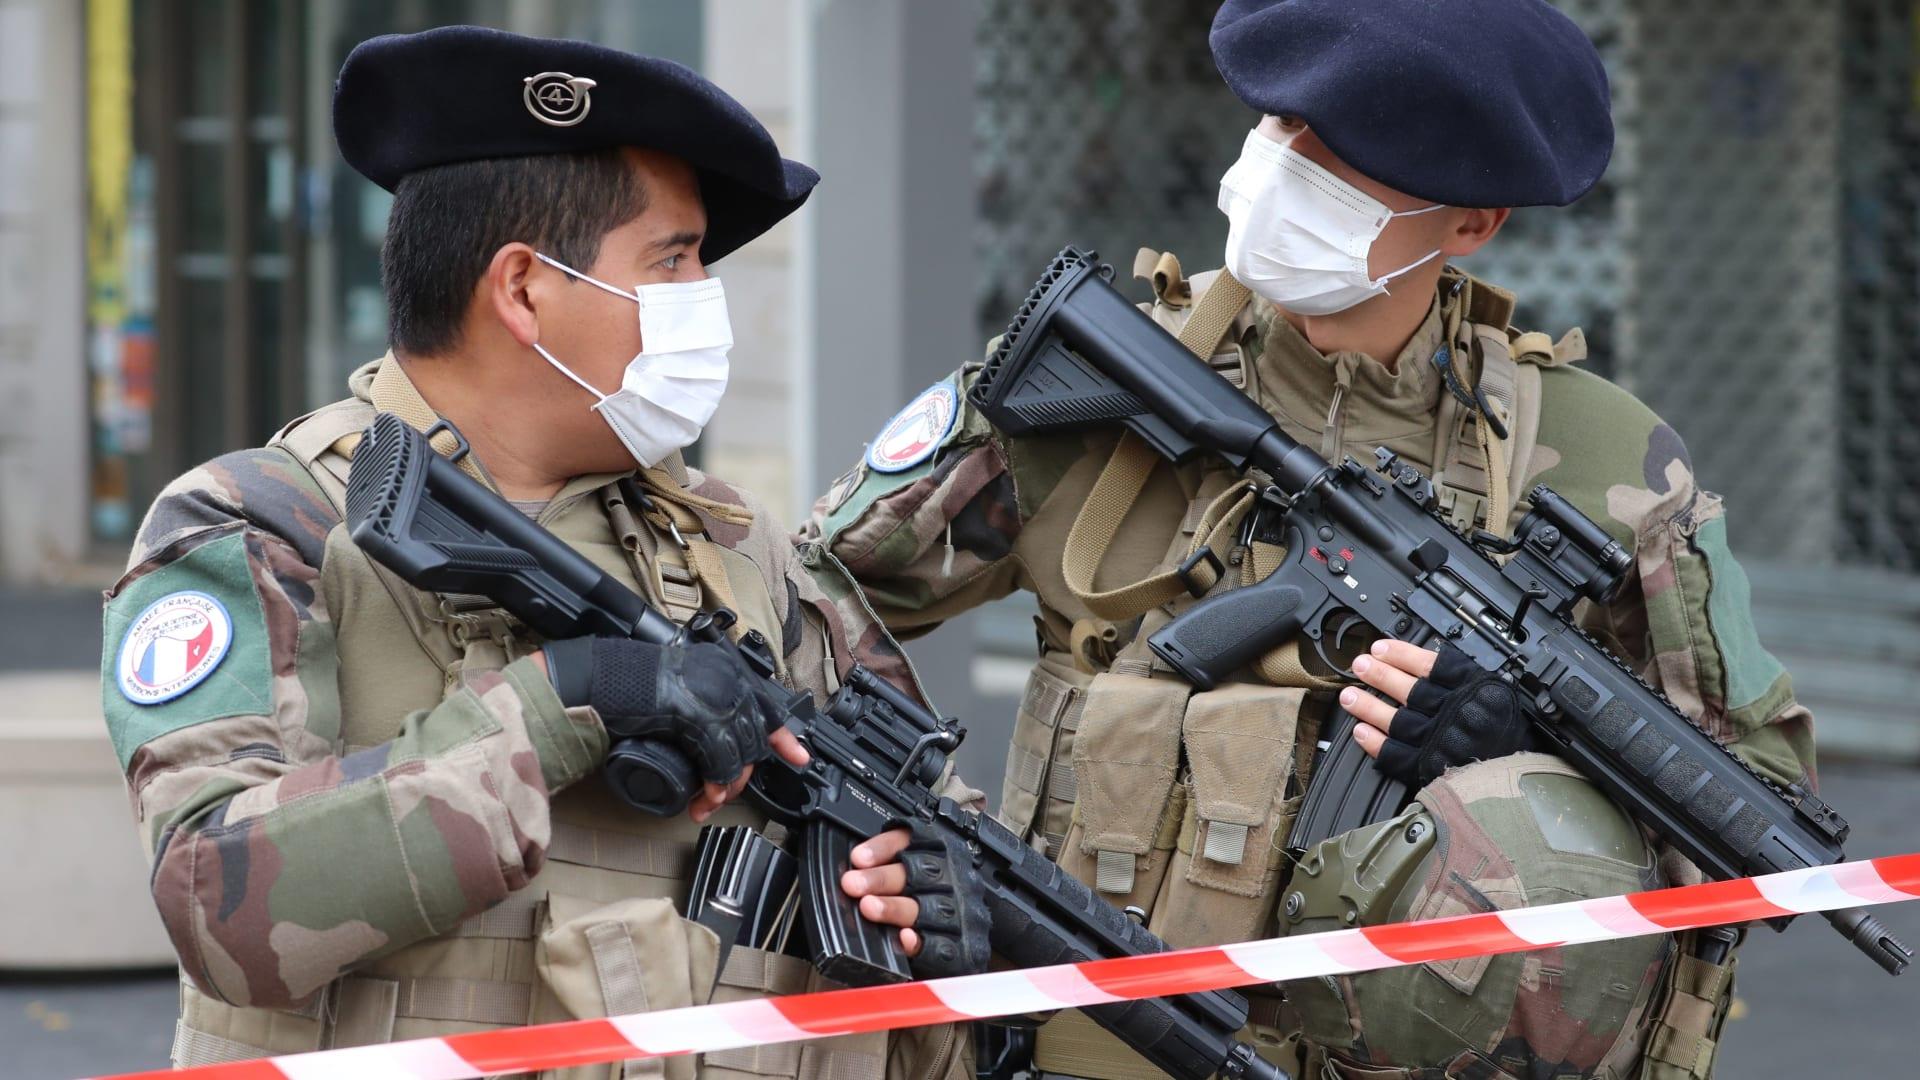 مجلس مسلمي فرنسا يدعو لإلغاء احتفالات المولد النبوي بعد هجوم نيس